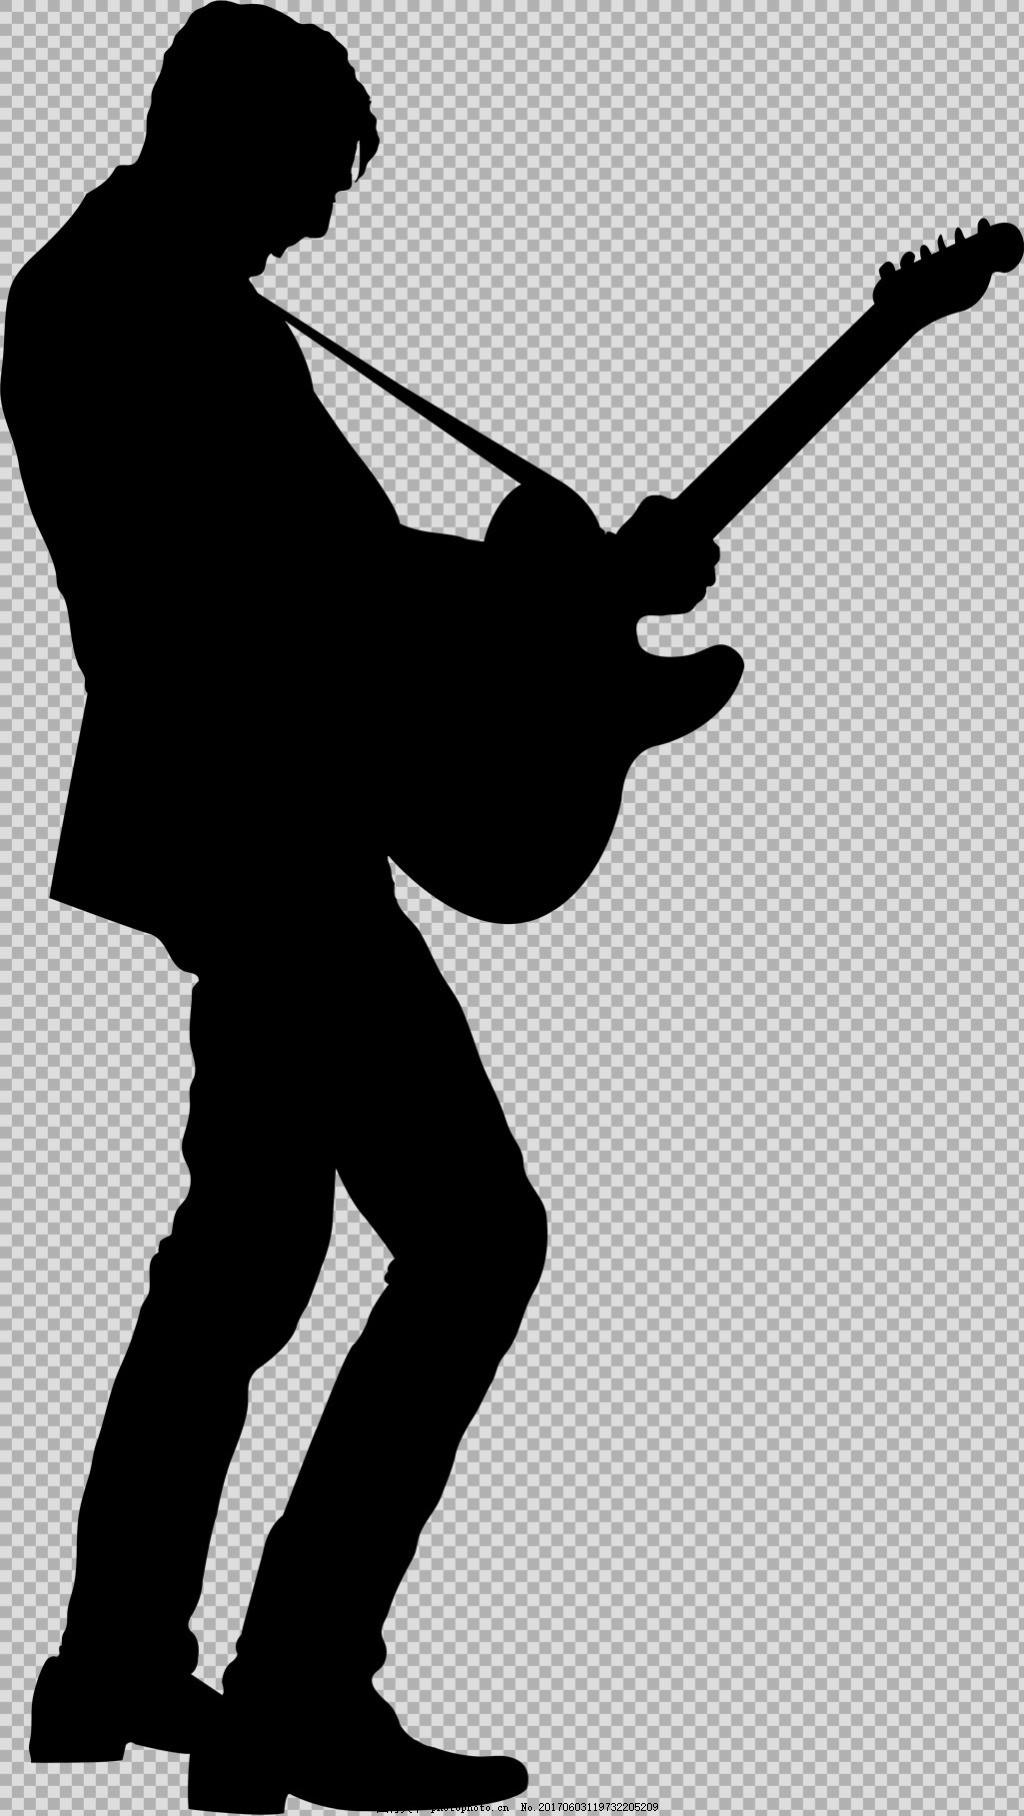 人物弹吉他剪影免抠png透明图层素材